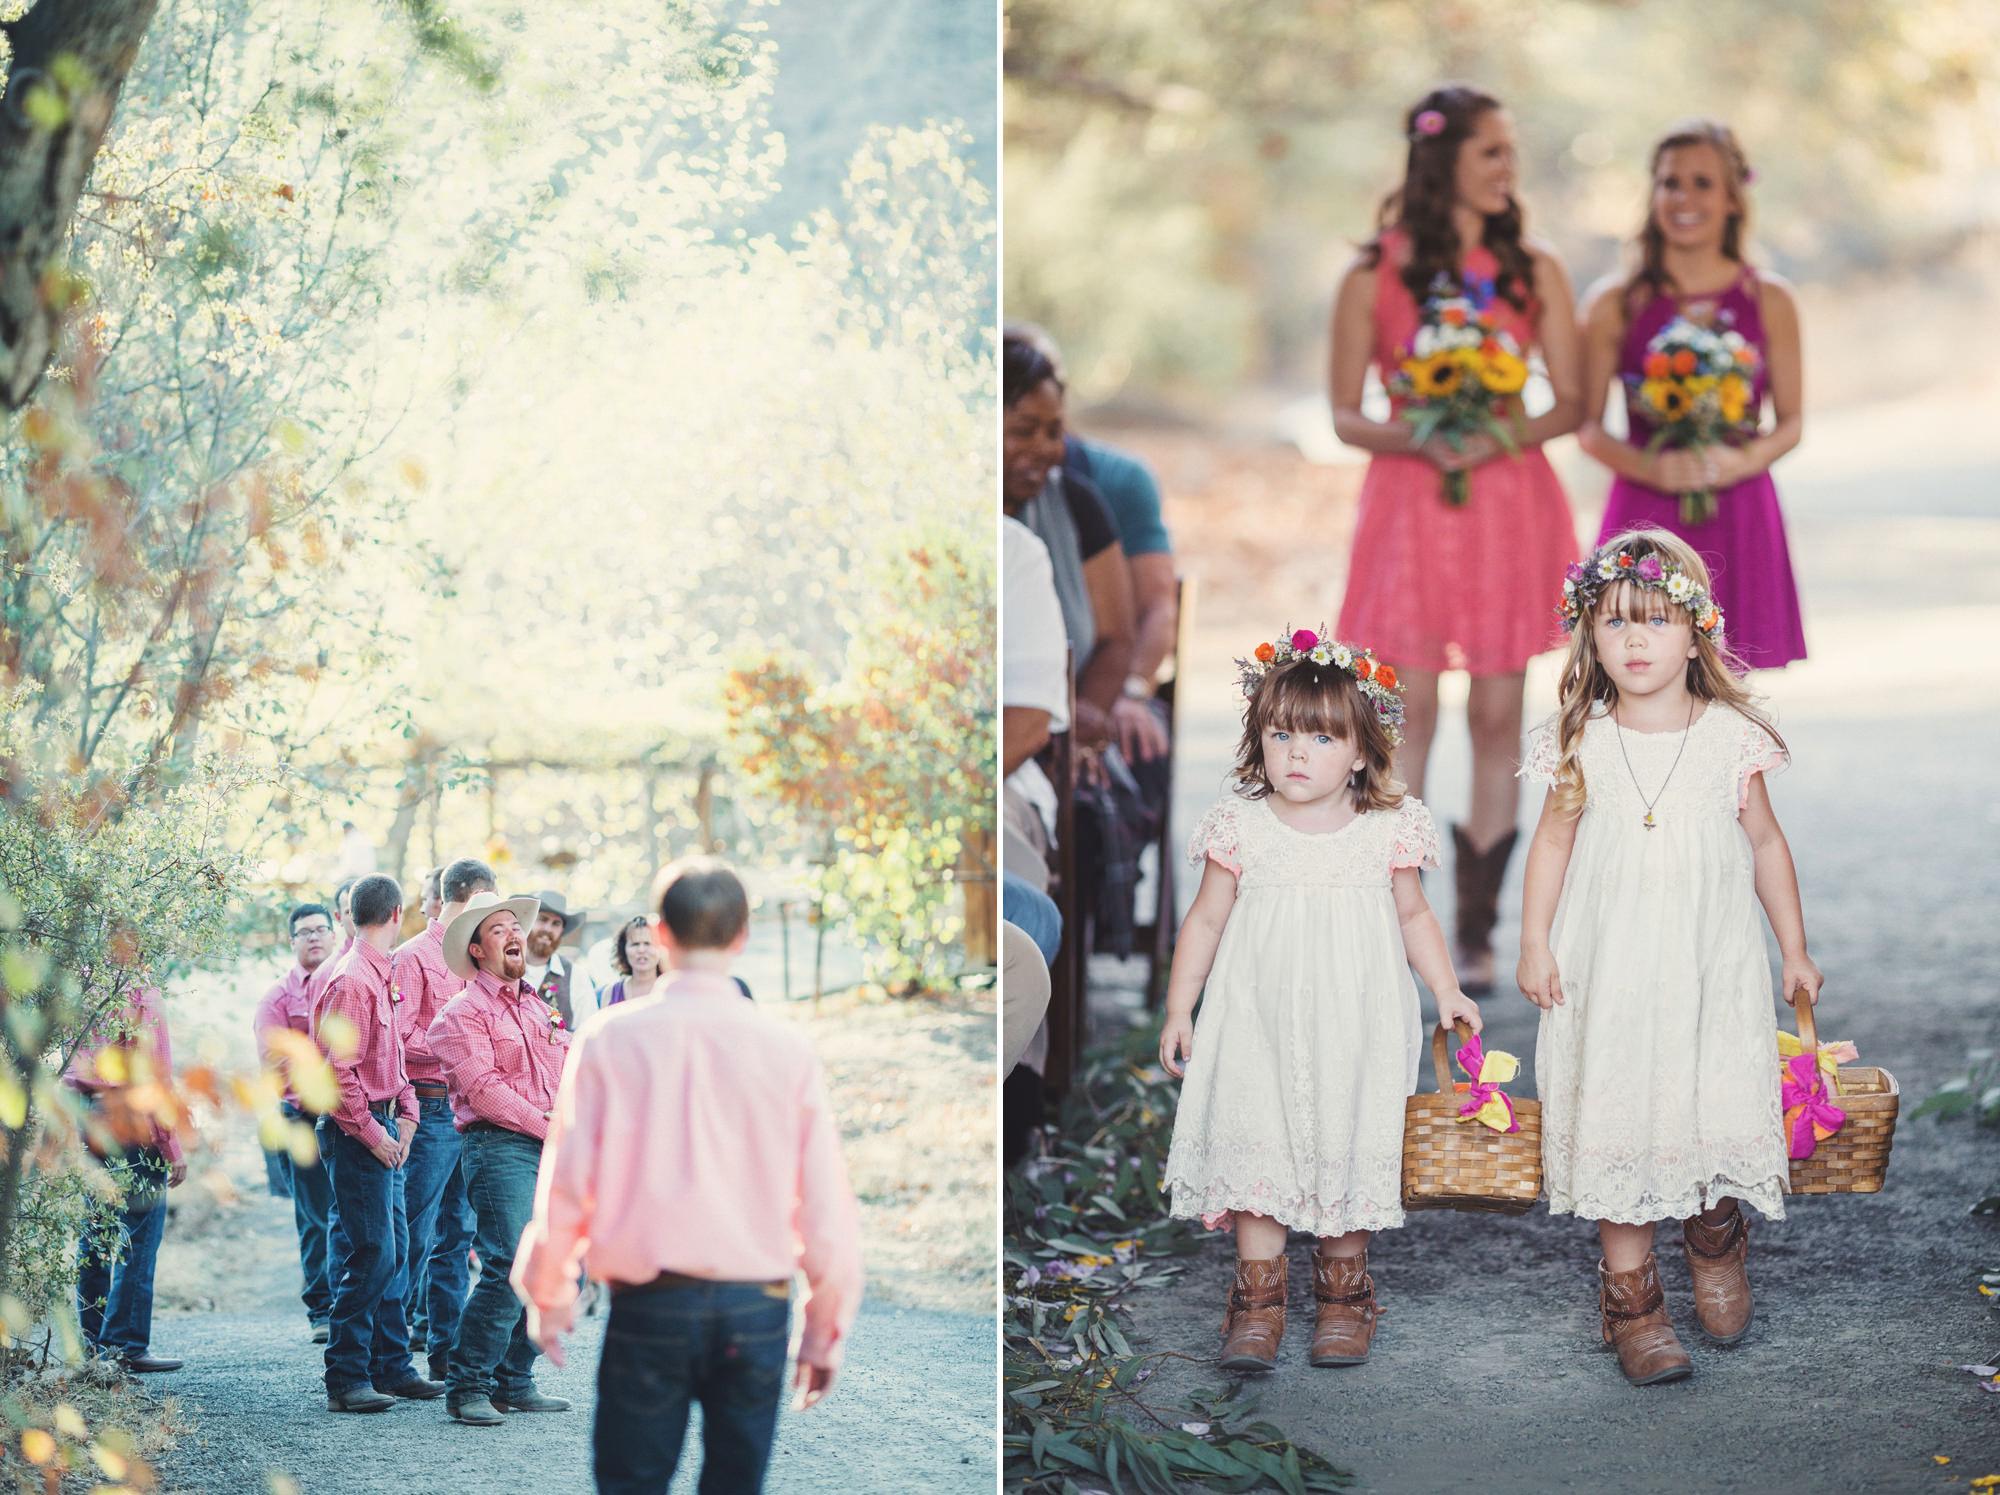 Rustic wedding in California ©Anne-Claire Brun 66